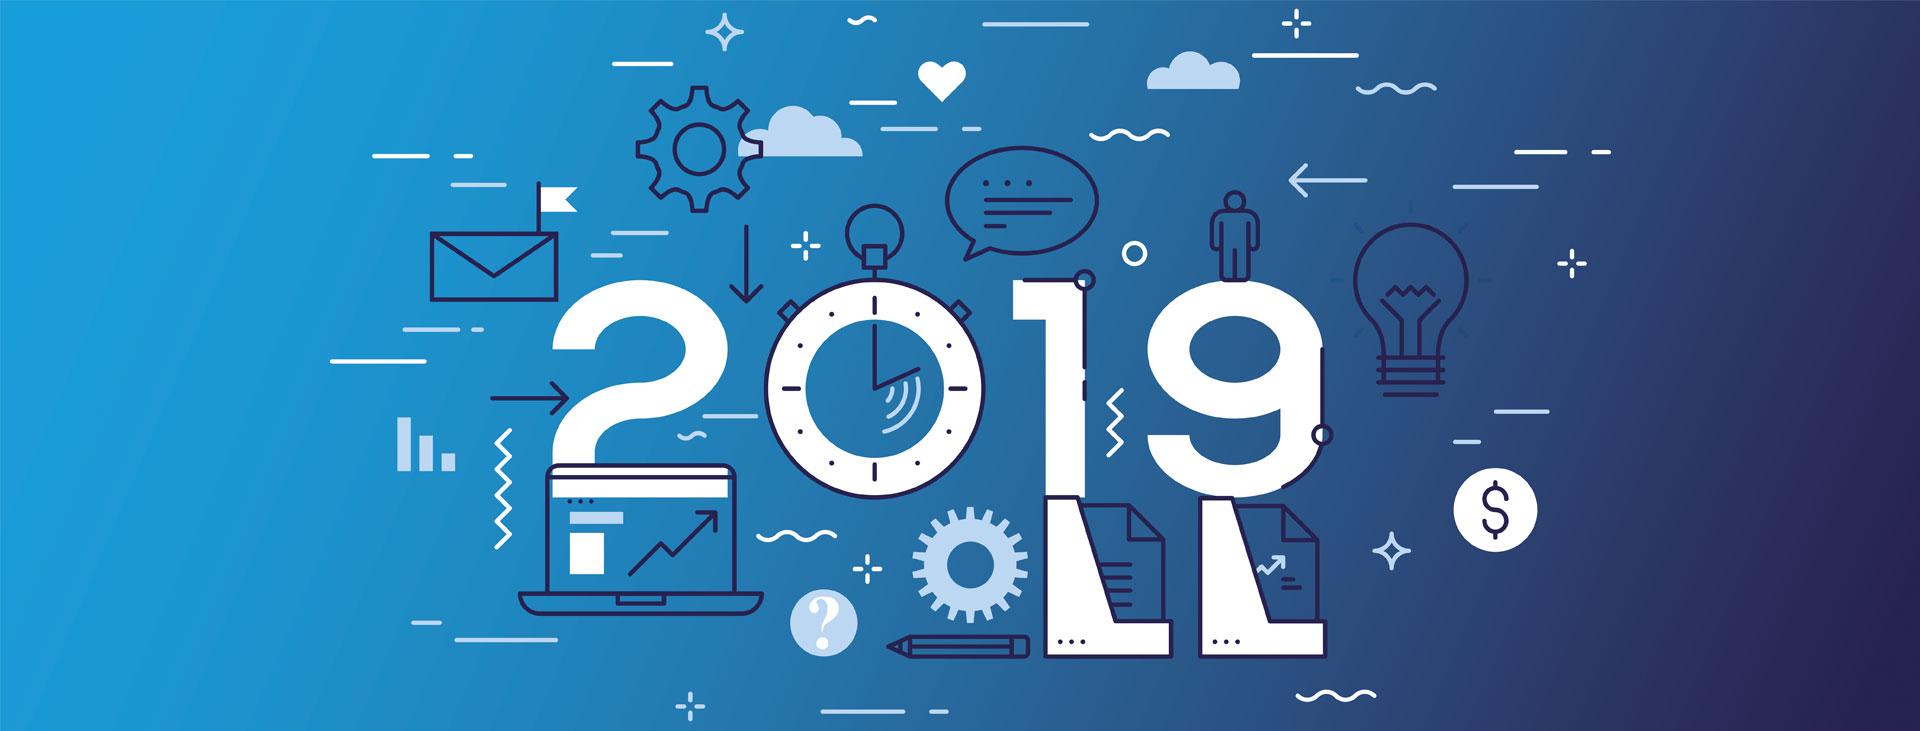 Top 10 WordPress website trends for 2019